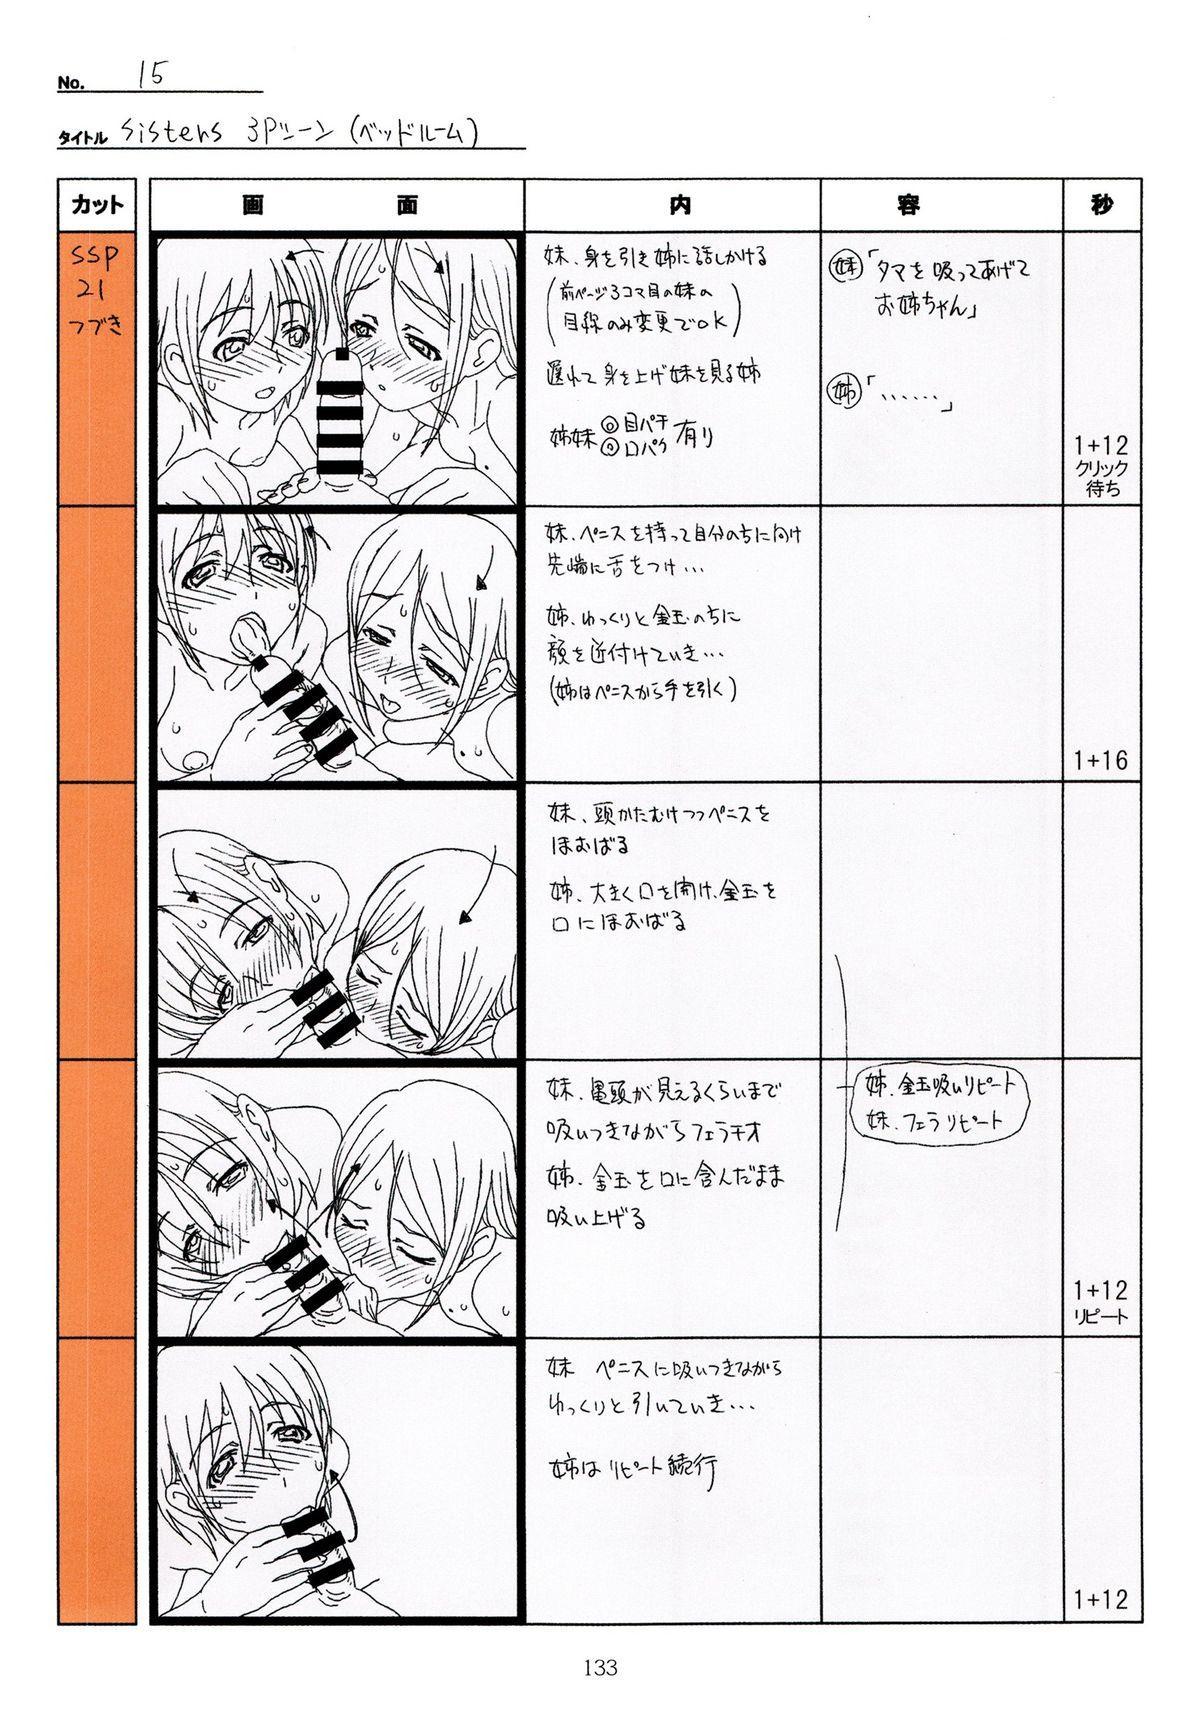 (C89) [Makino Jimusho (Taki Minashika)] SISTERS -Natsu no Saigo no Hi- H Scene All Part Storyboard (SISTERS -Natsu no Saigo no Hi-) 132